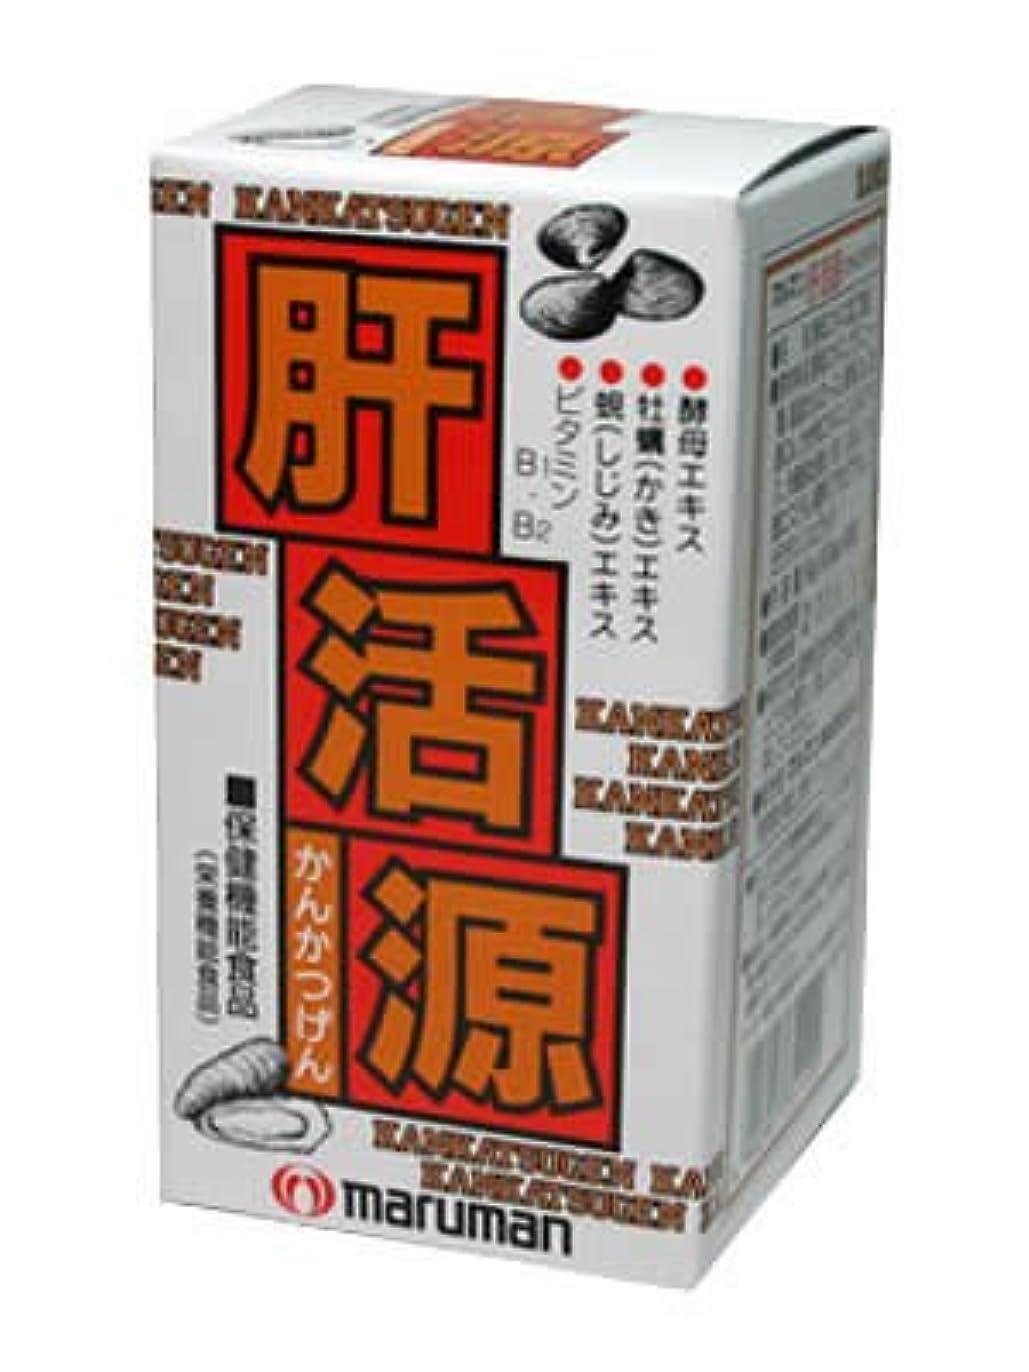 外側口ひげ勃起肝活源 (かんかつげん) 600mg×90粒